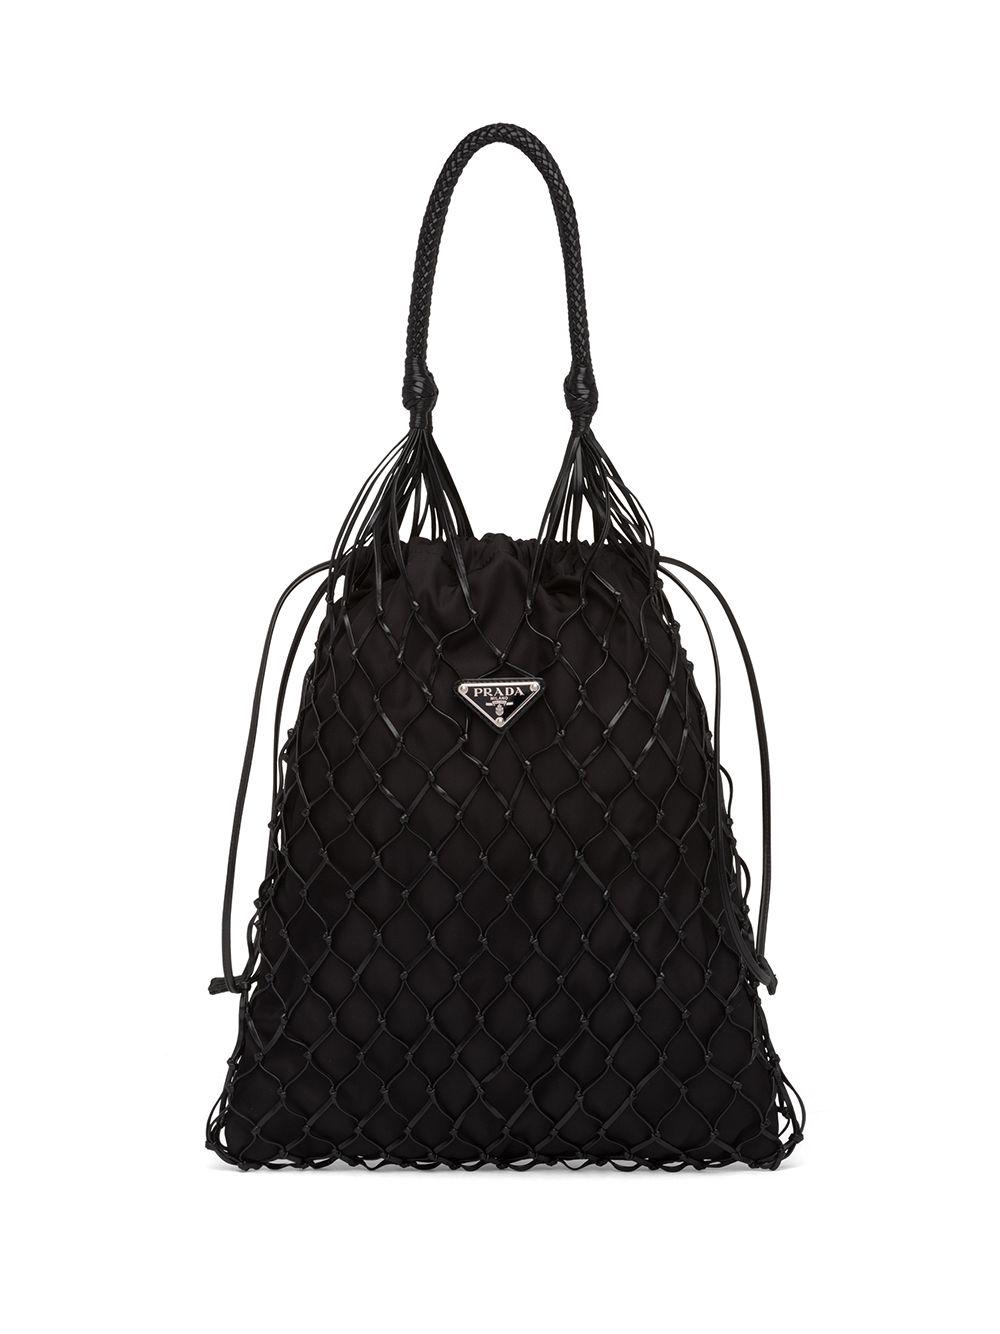 Prada mesh tote bag - 950 Euro